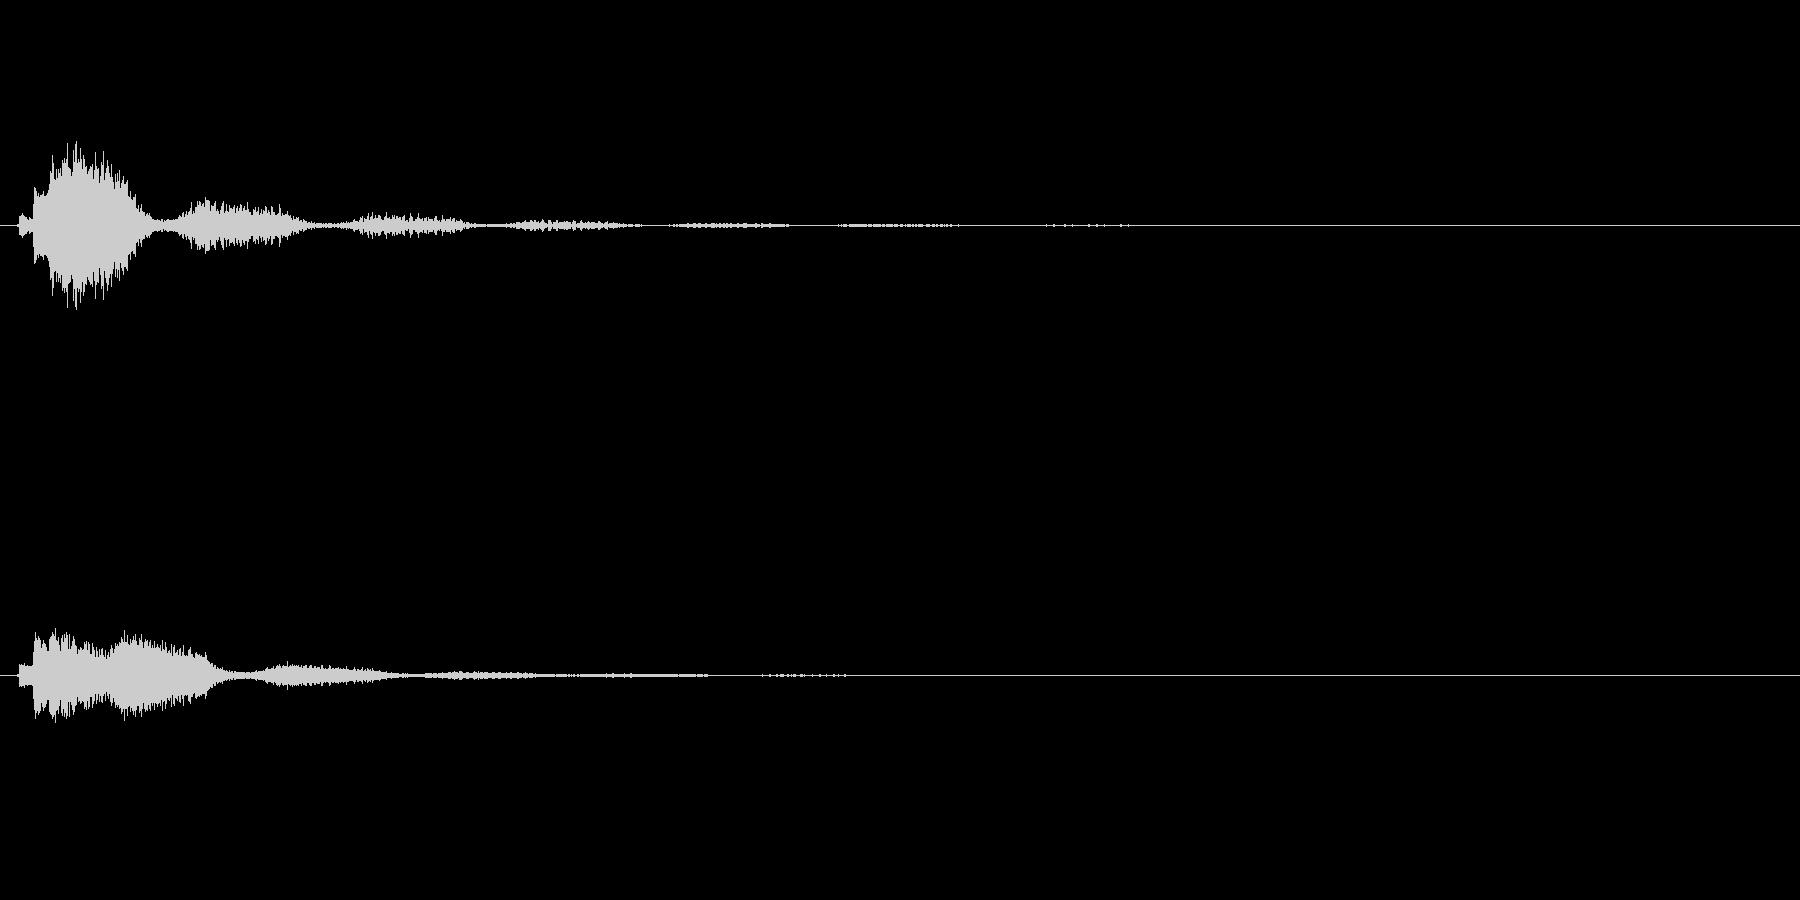 サウンドロゴ(企業ロゴ)_020の未再生の波形